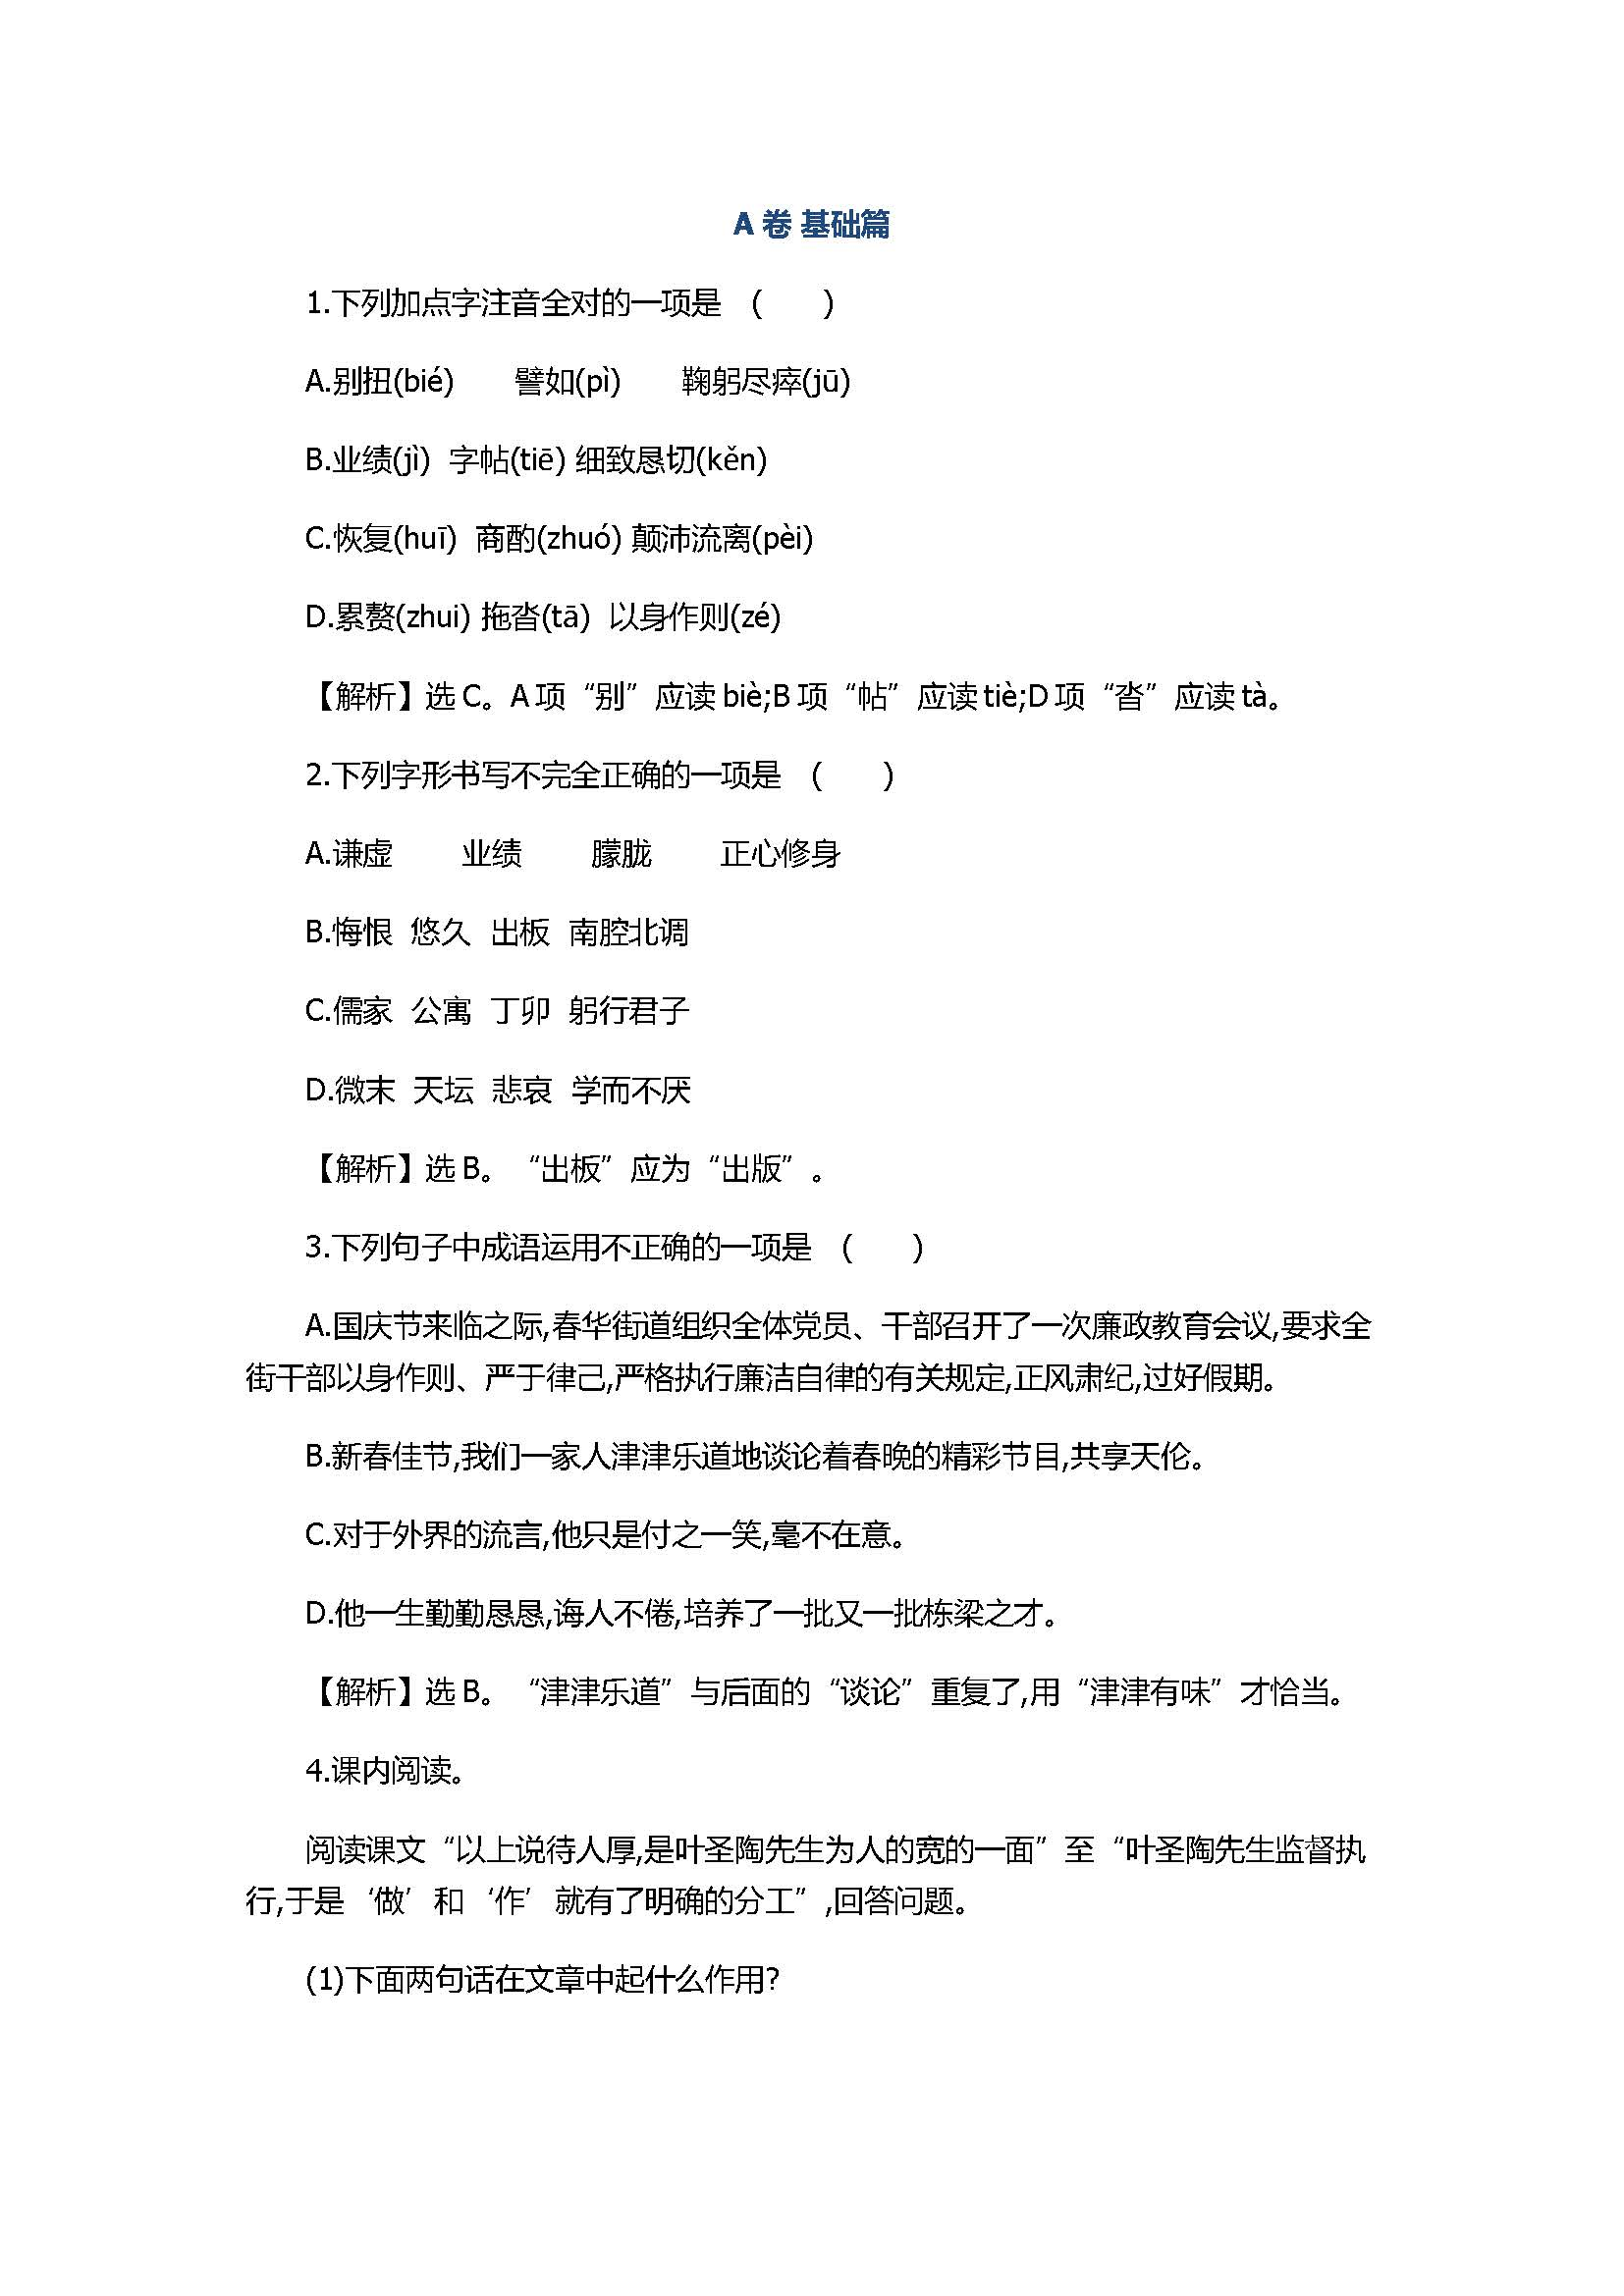 2017七年级语文下册《叶圣陶先生二三事》精编同步练习题含答案